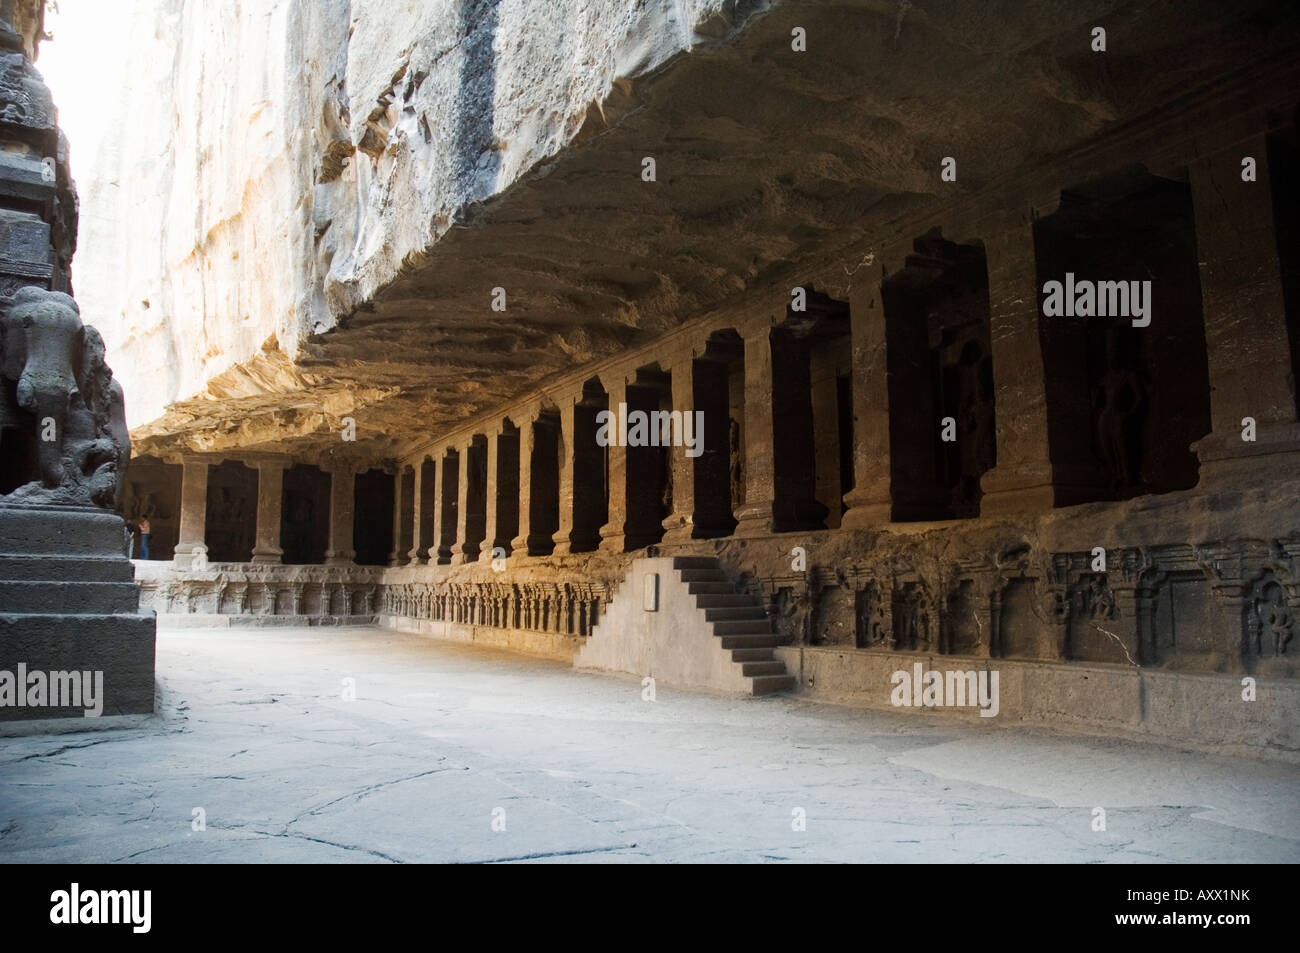 Las cuevas de Ellora, templos cortados en la roca sólida, cerca de Aurangabad, Maharashtra, India Imagen De Stock